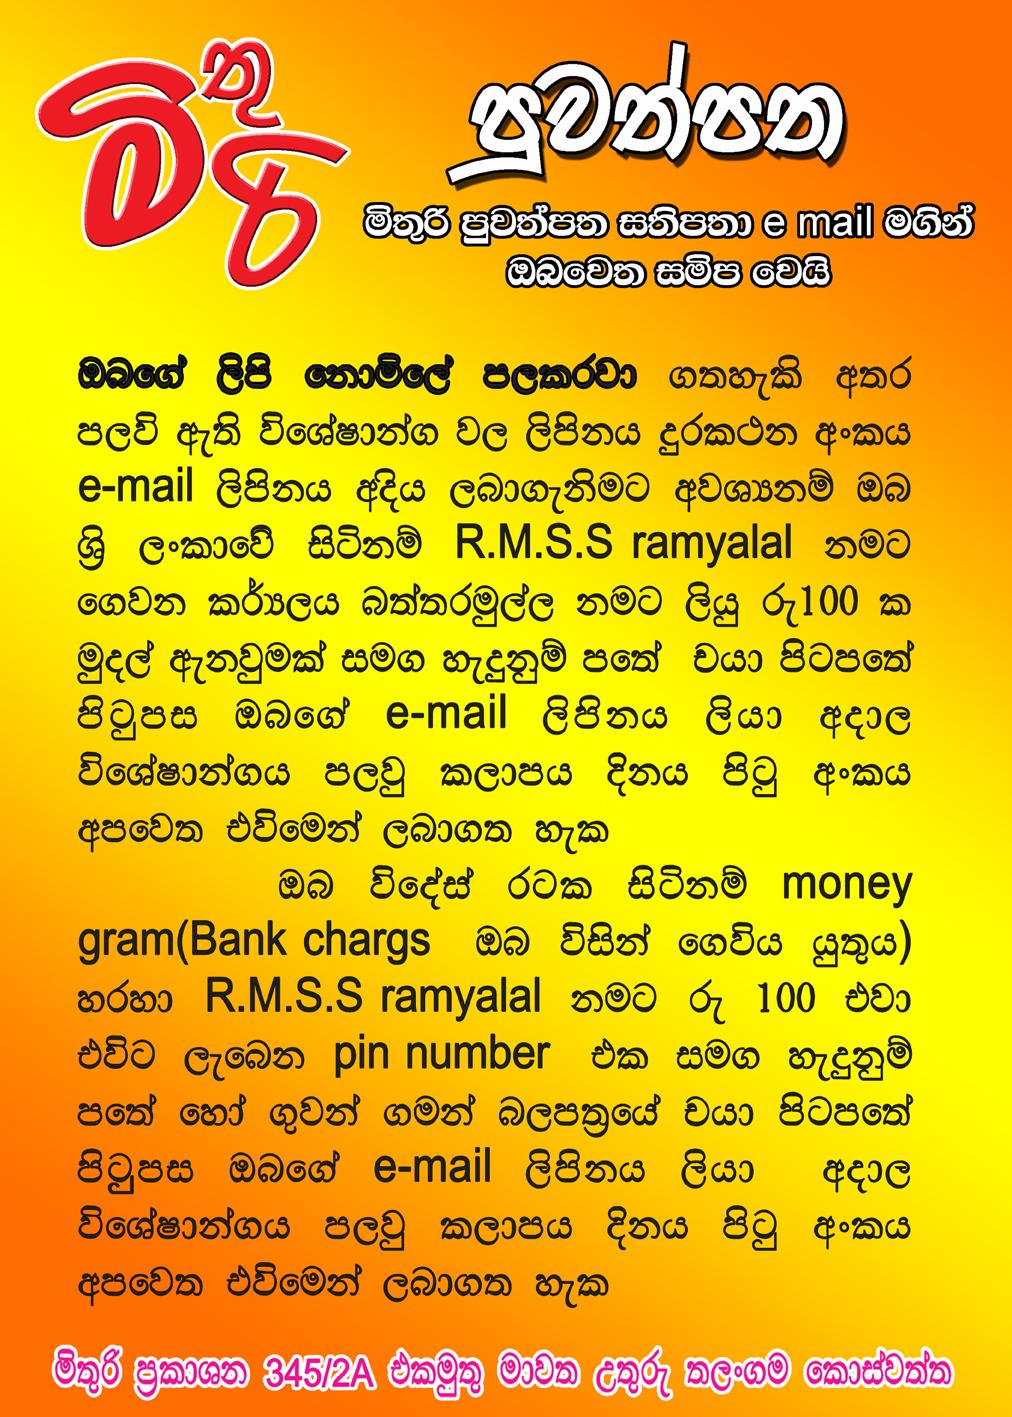 Sinhala wela katha mithuri sinhala wela katha mithuri sinhala wela